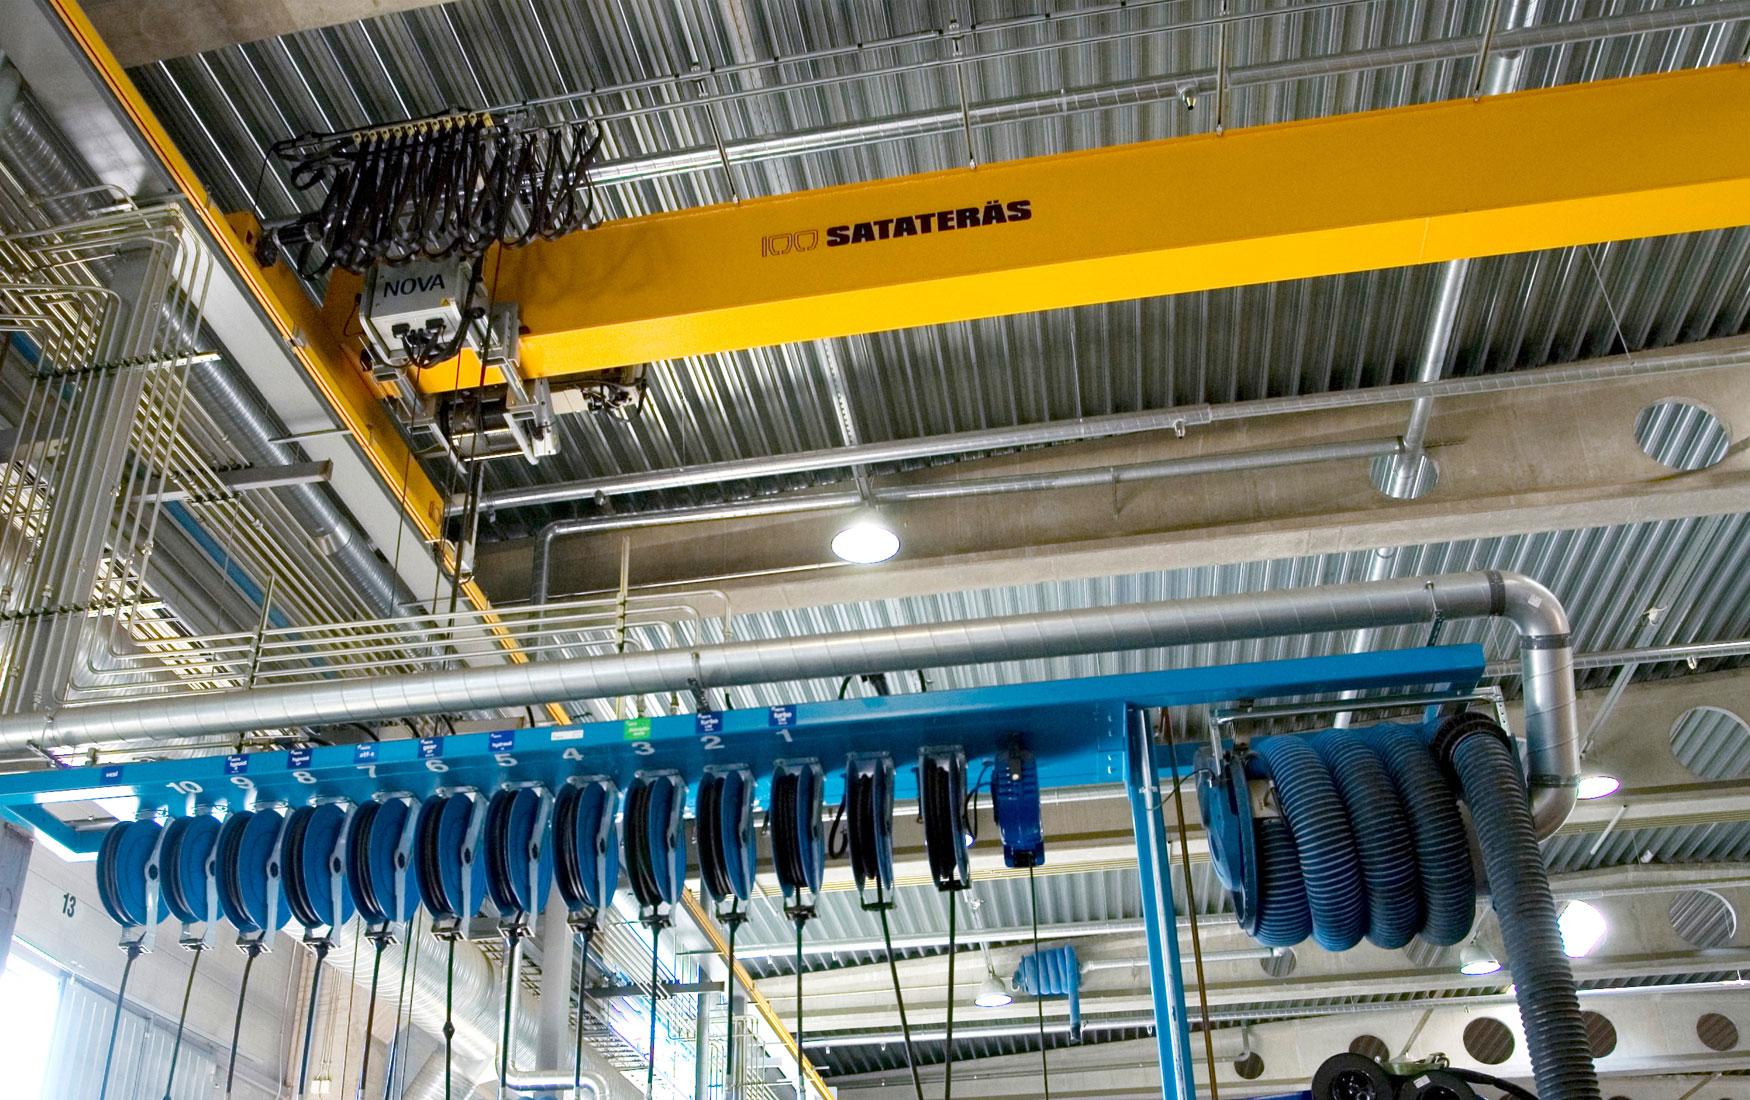 teollisuus-metalliteollisuus-teollisuuden-siltanosturit-satateras-siltanosturi-5